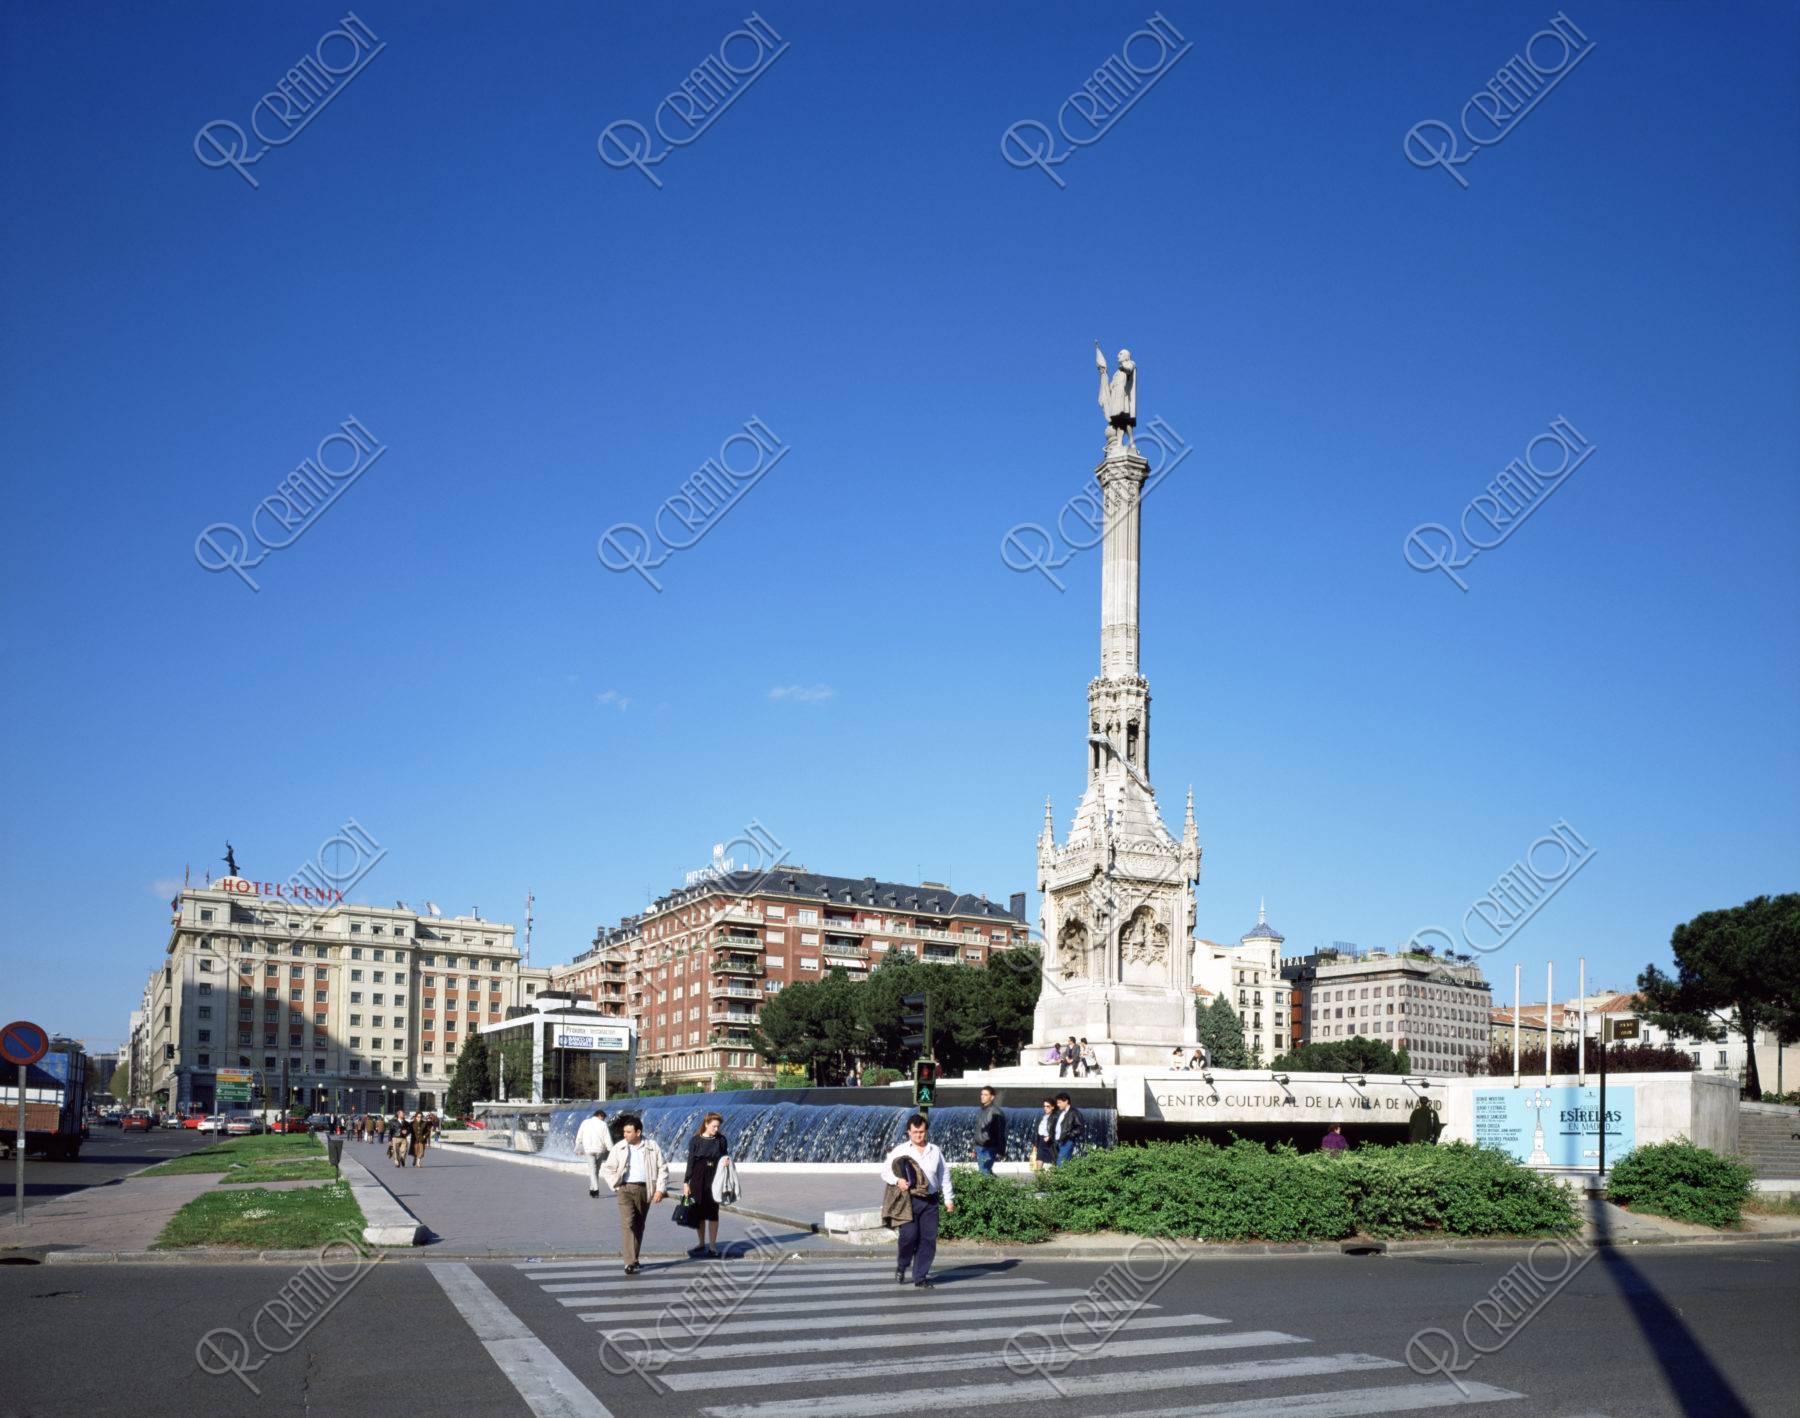 コロンブスの像 マドリード スペイン